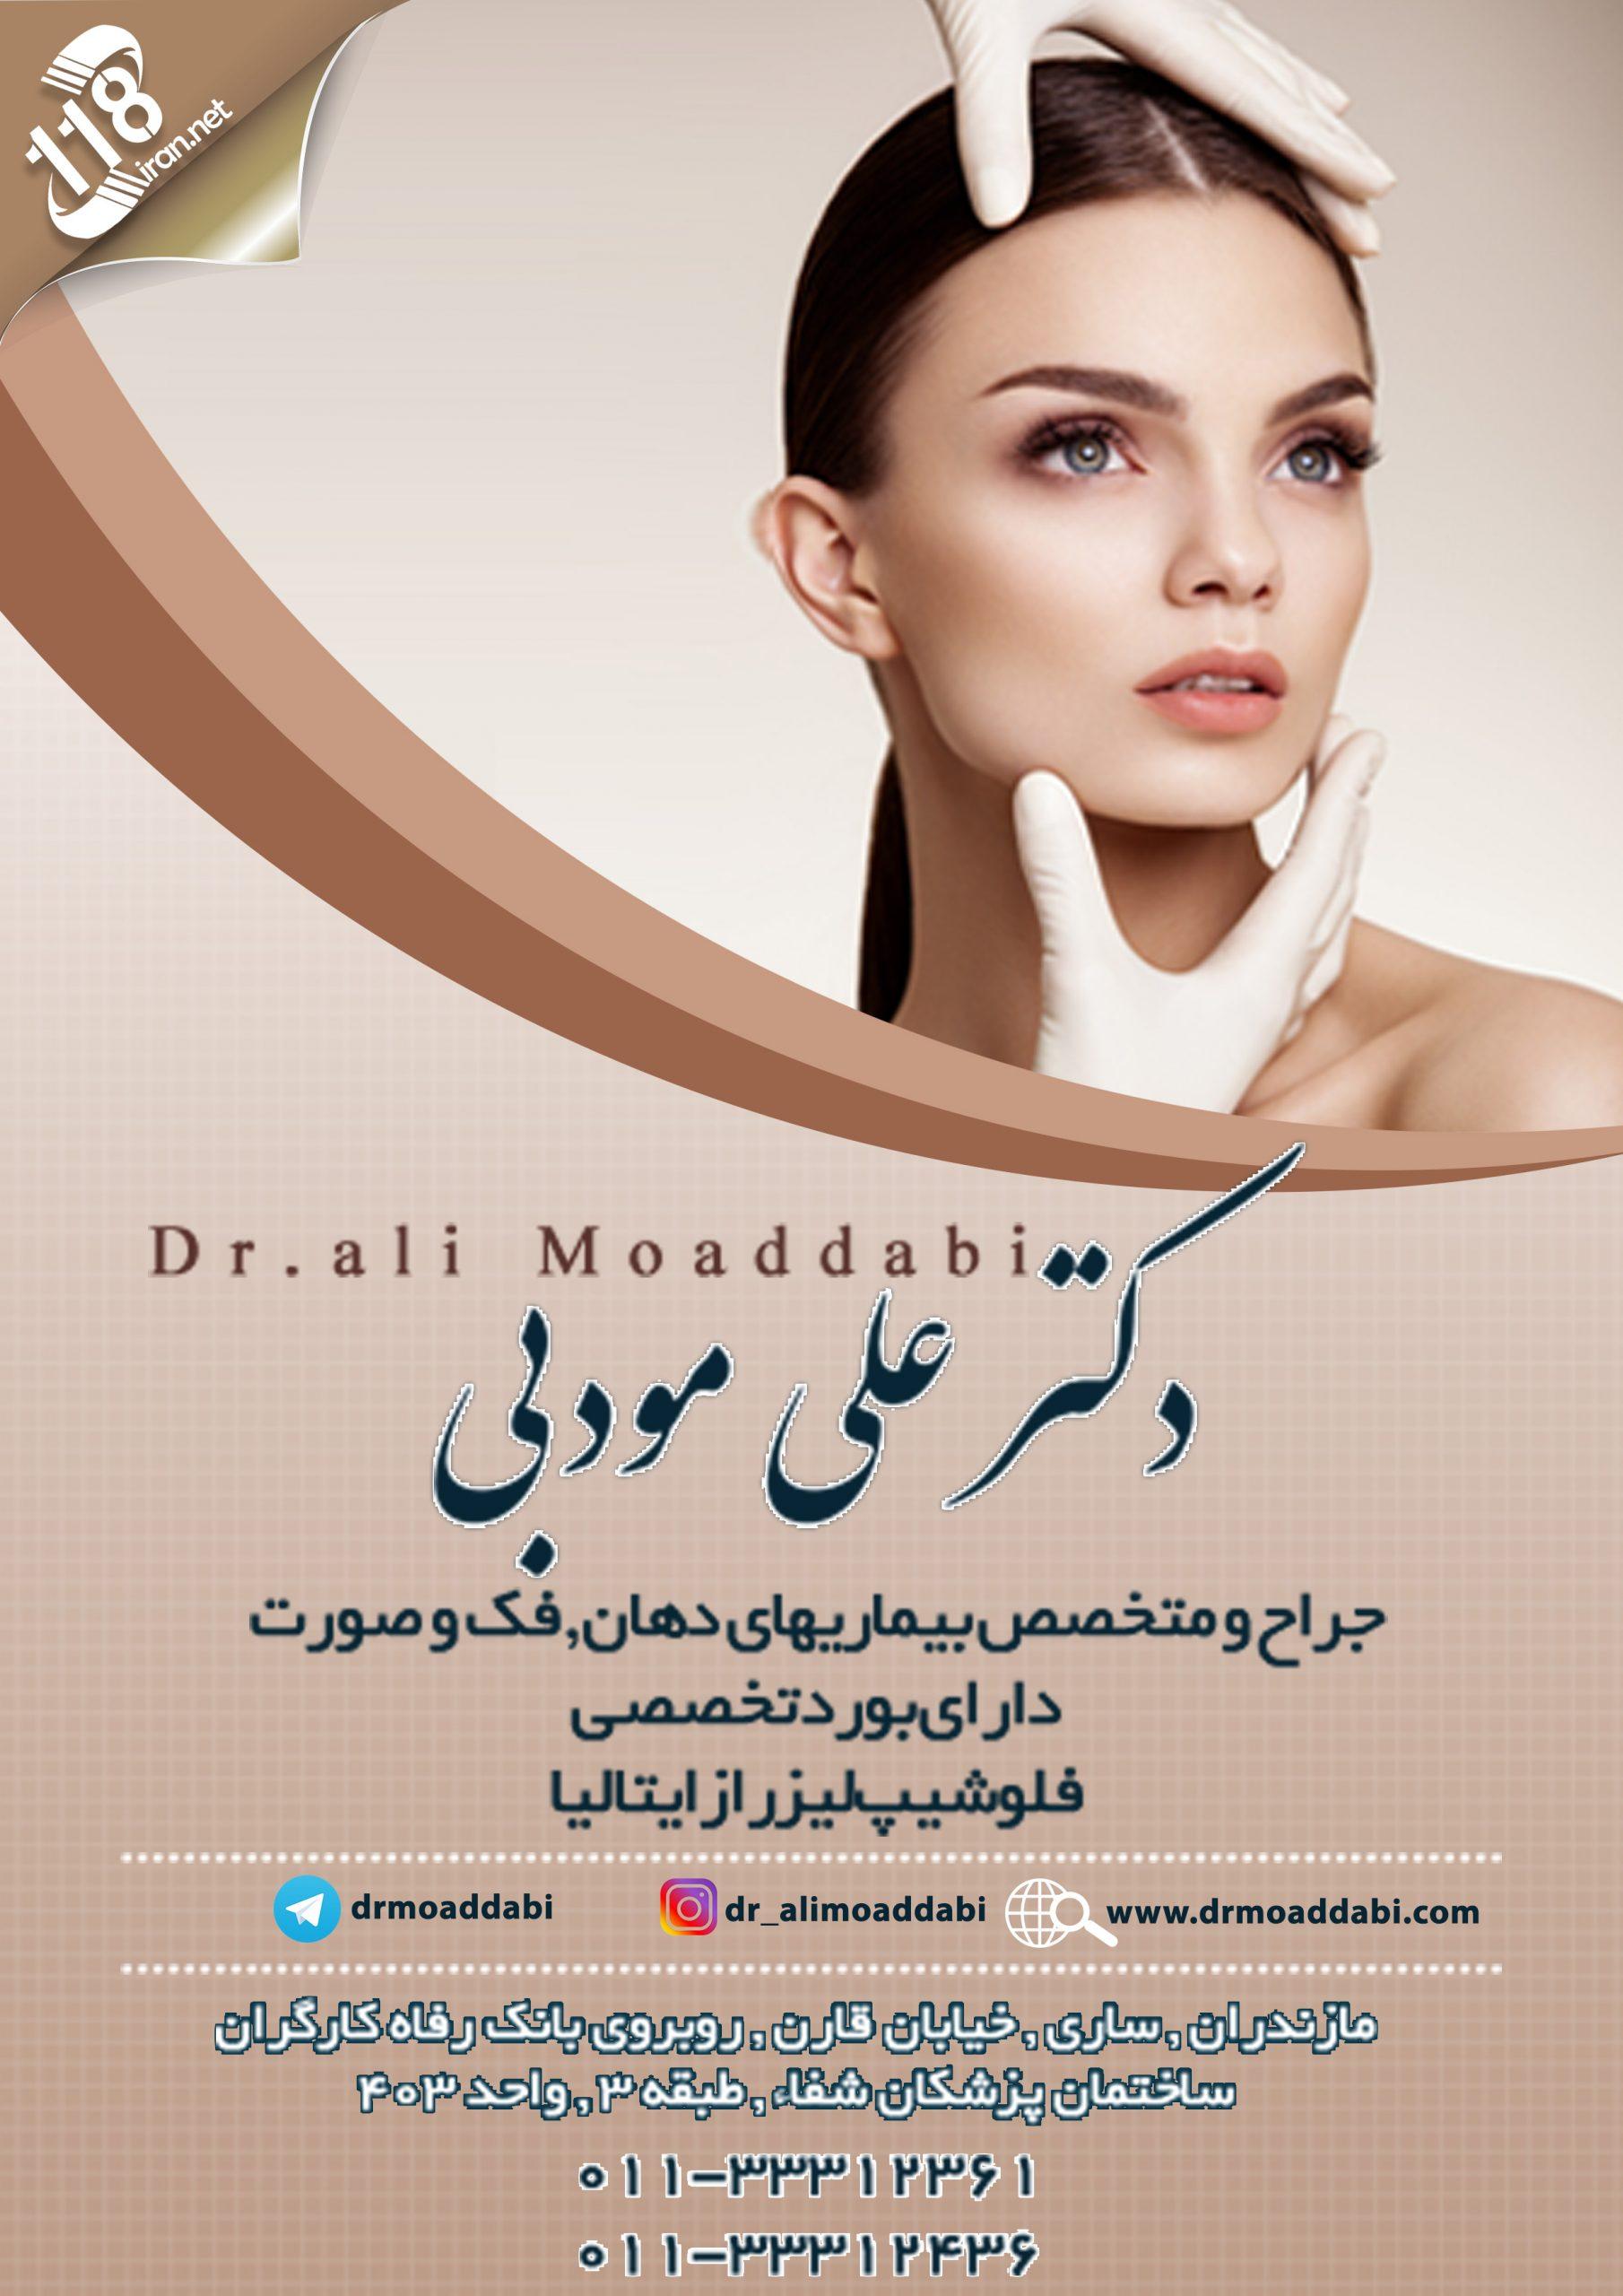 دکتر علی مودبی